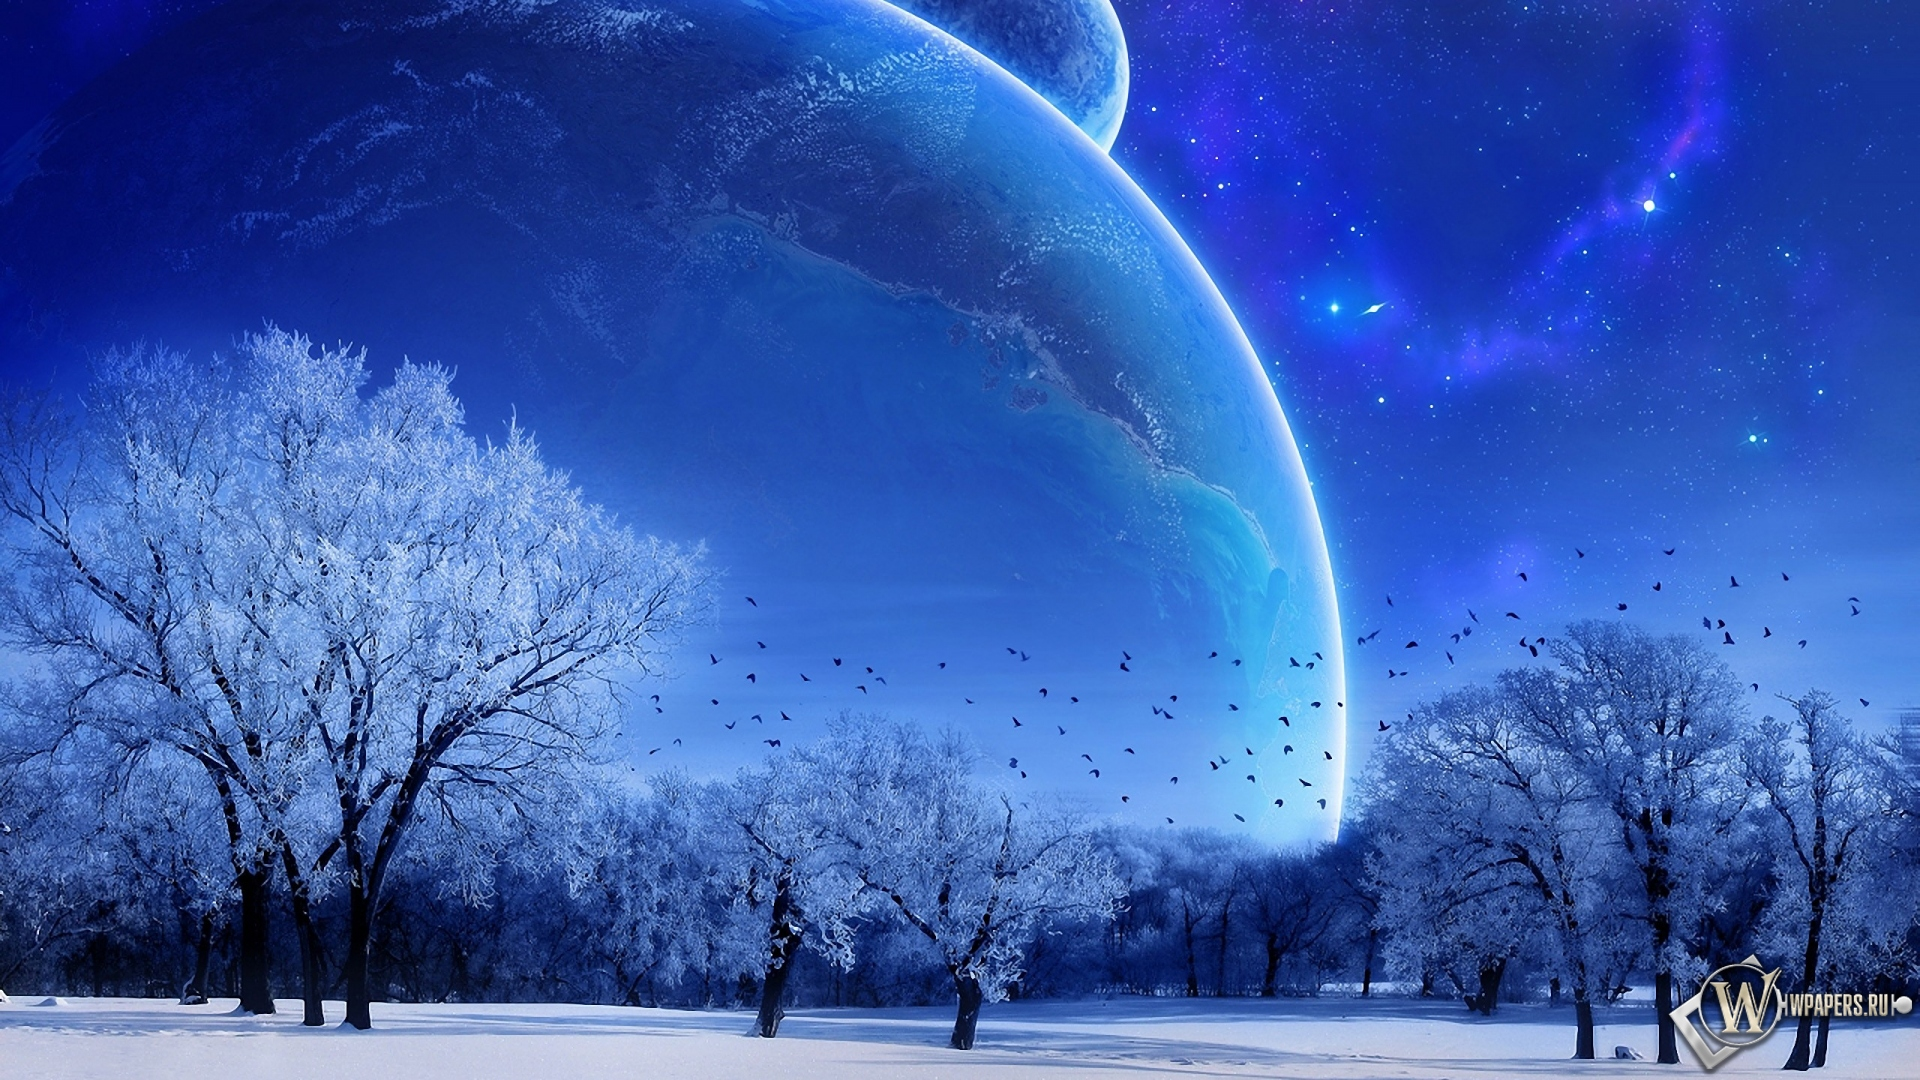 Зимняя фантазия 1920x1080